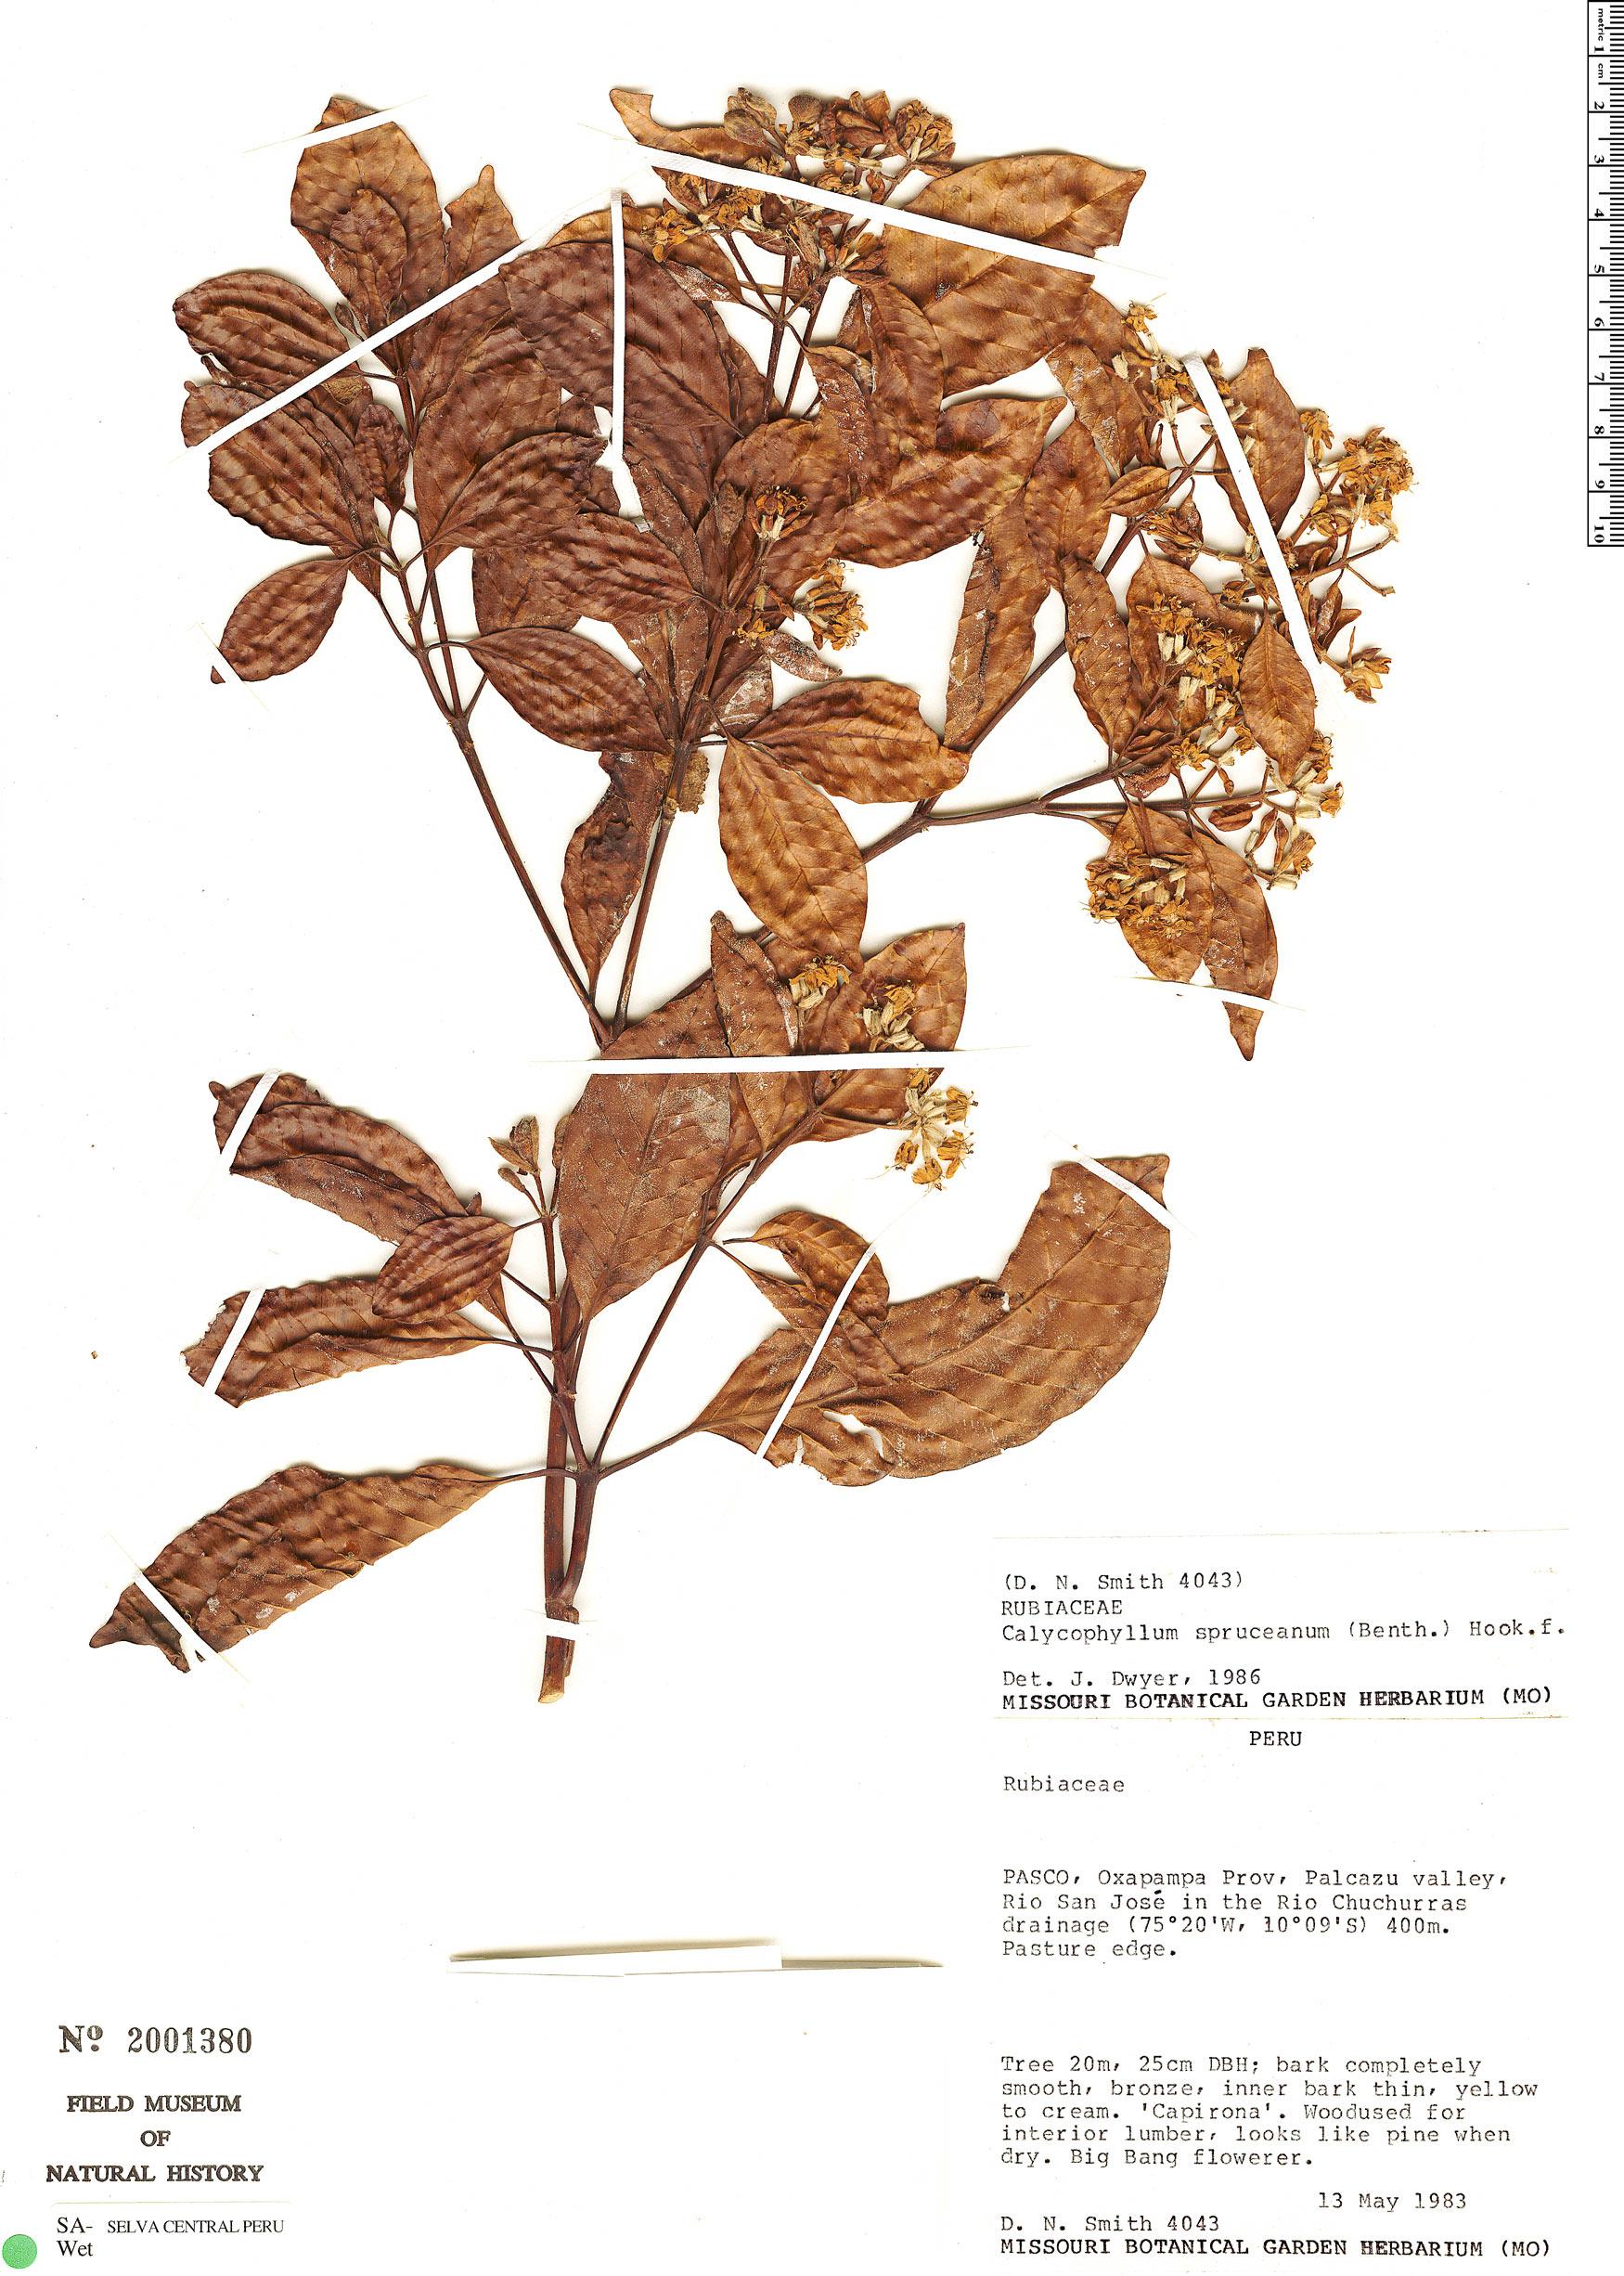 Specimen: Calycophyllum spruceanum